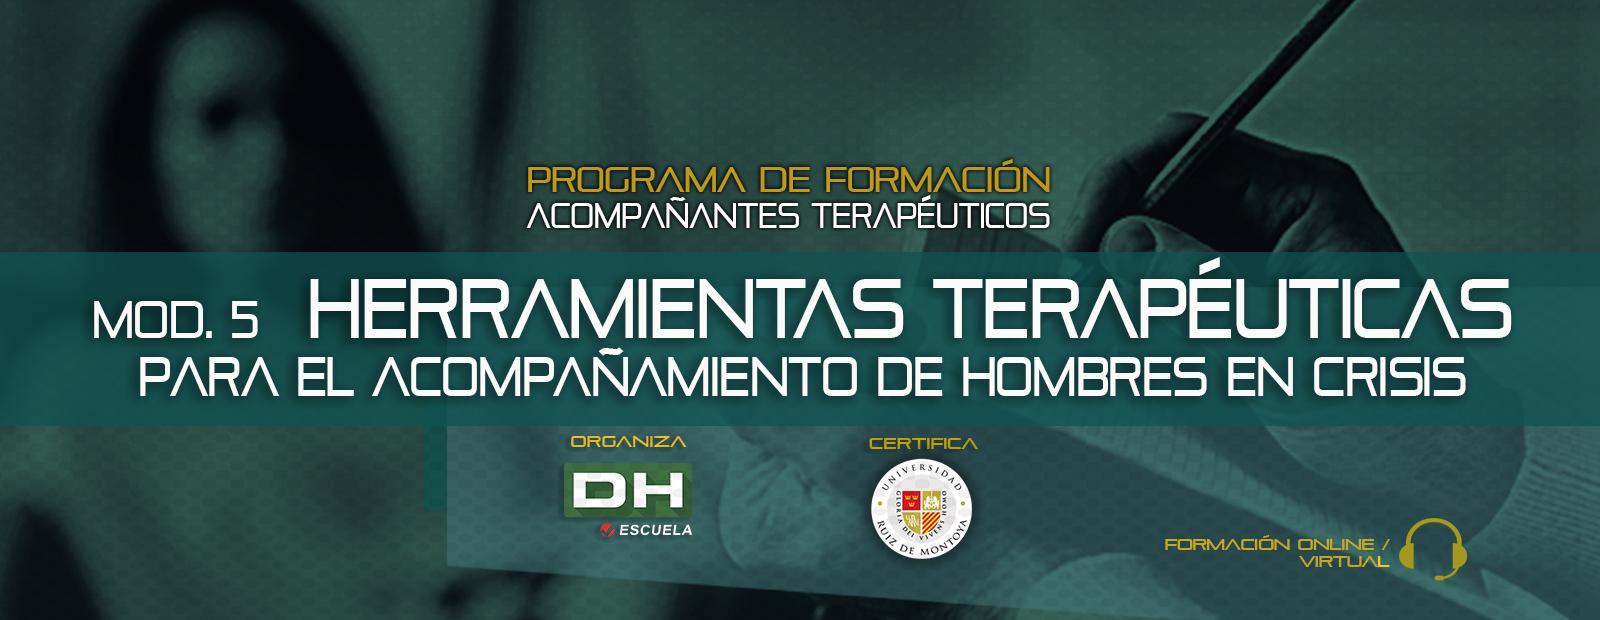 Módulo 05 HERRAMIENTAS TERAPÉUTICAS PARA EL ACOMPAÑAMIENTO DE HOMBRES EN CRISIS